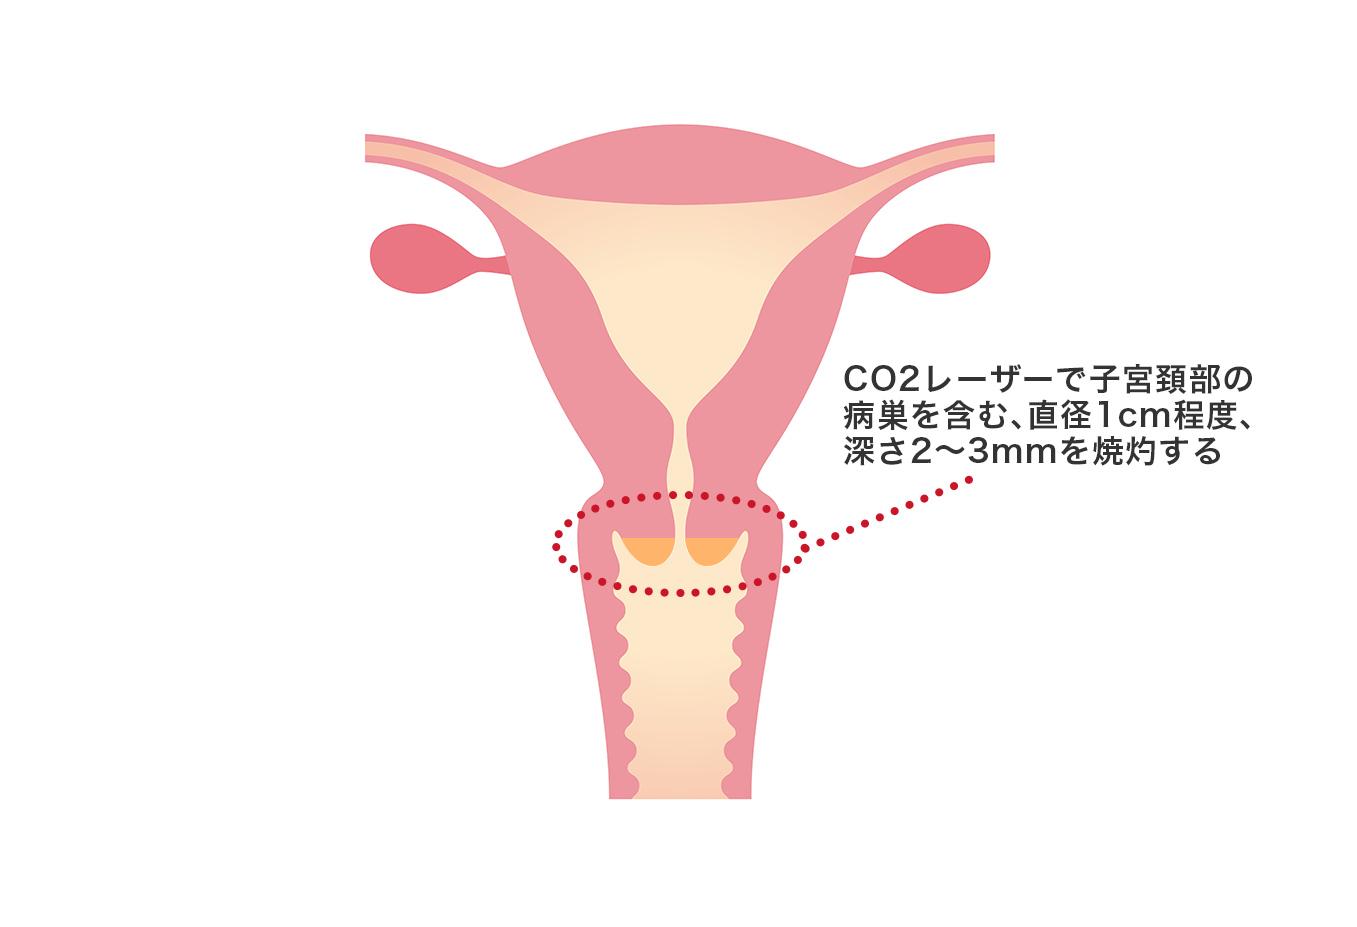 【画像】子宮頸部レーザー蒸散術のサンプル